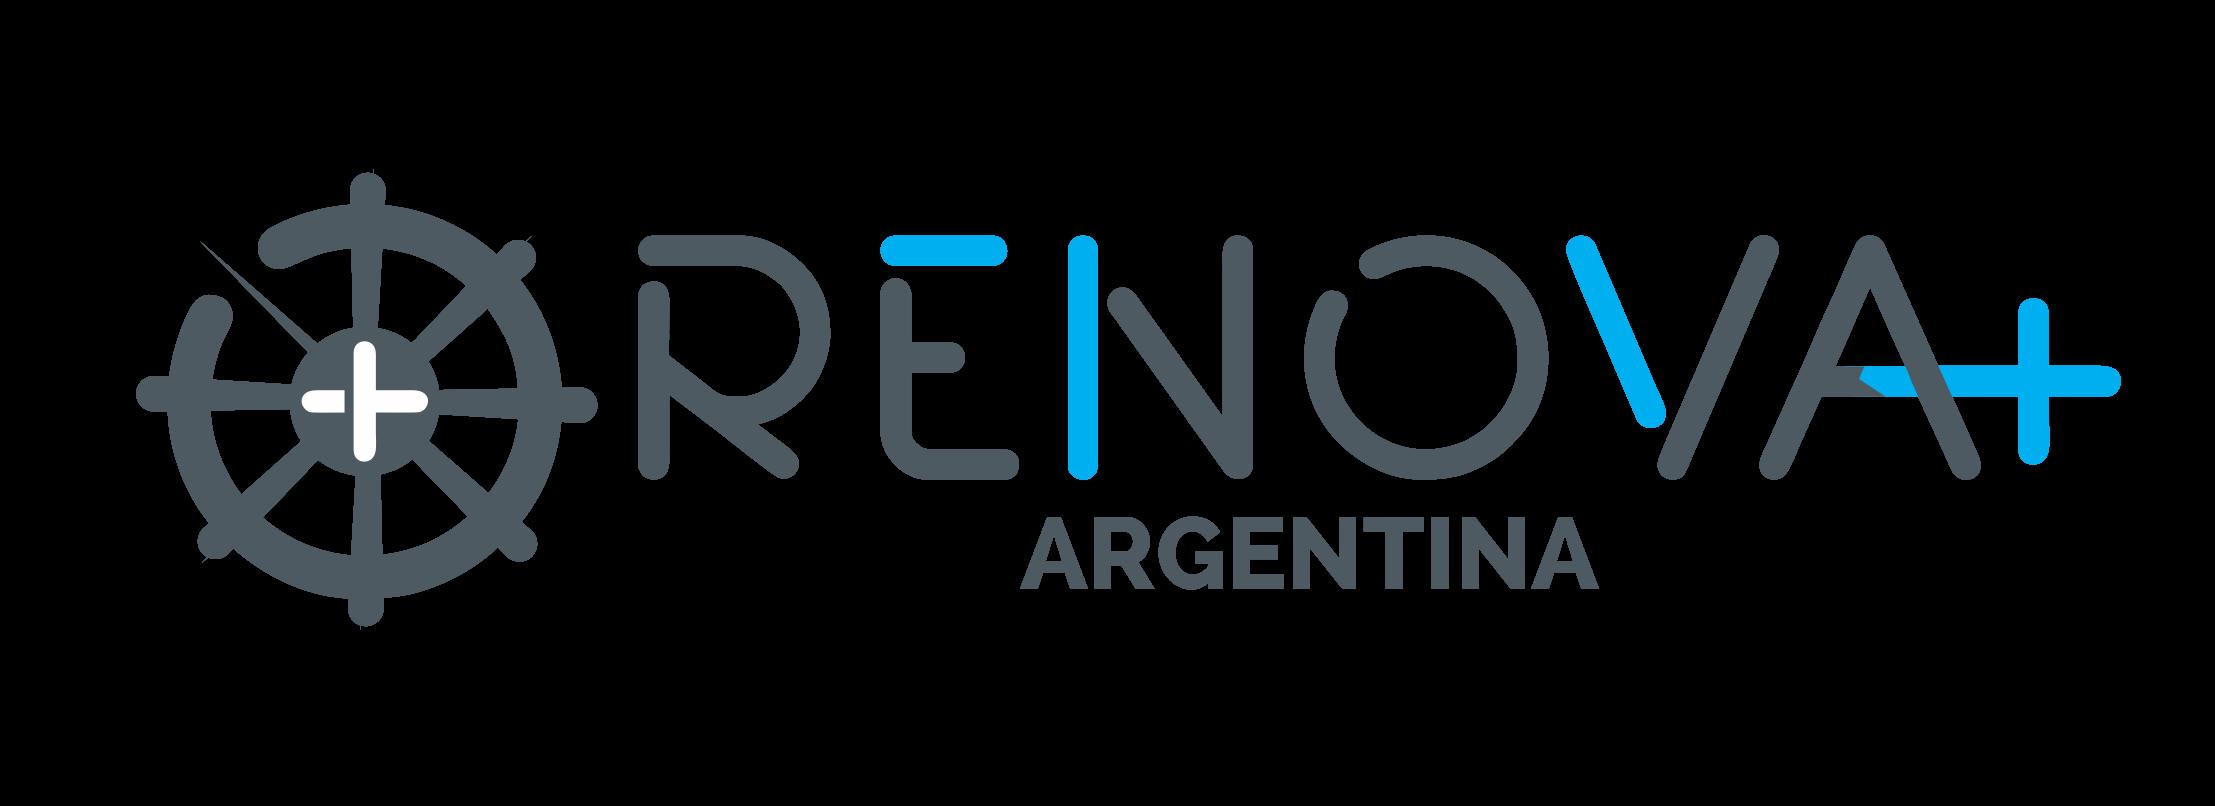 Renova+